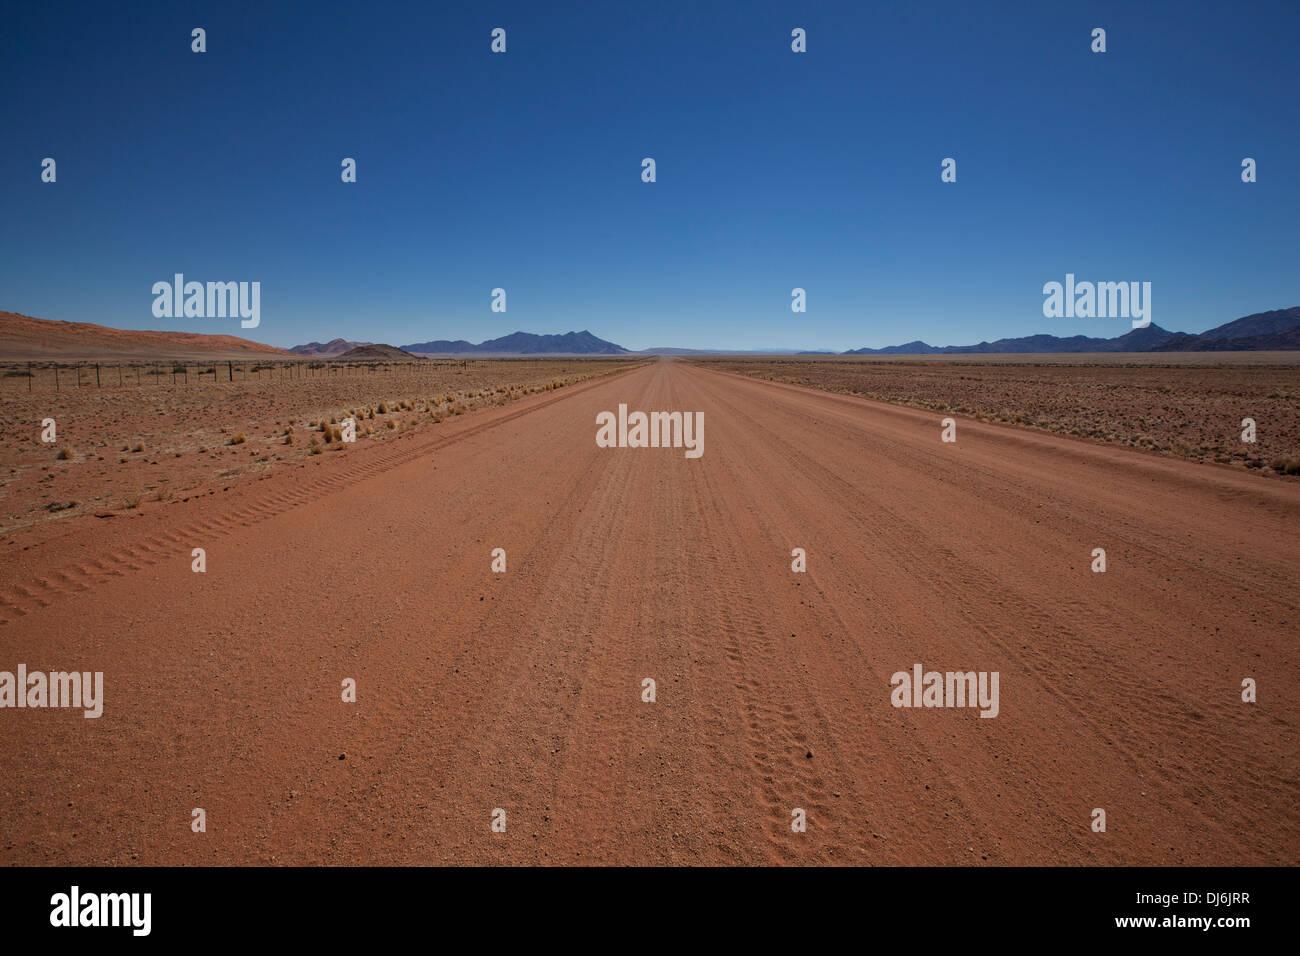 Legendary Namibian Road D707; Namibia - Stock Image